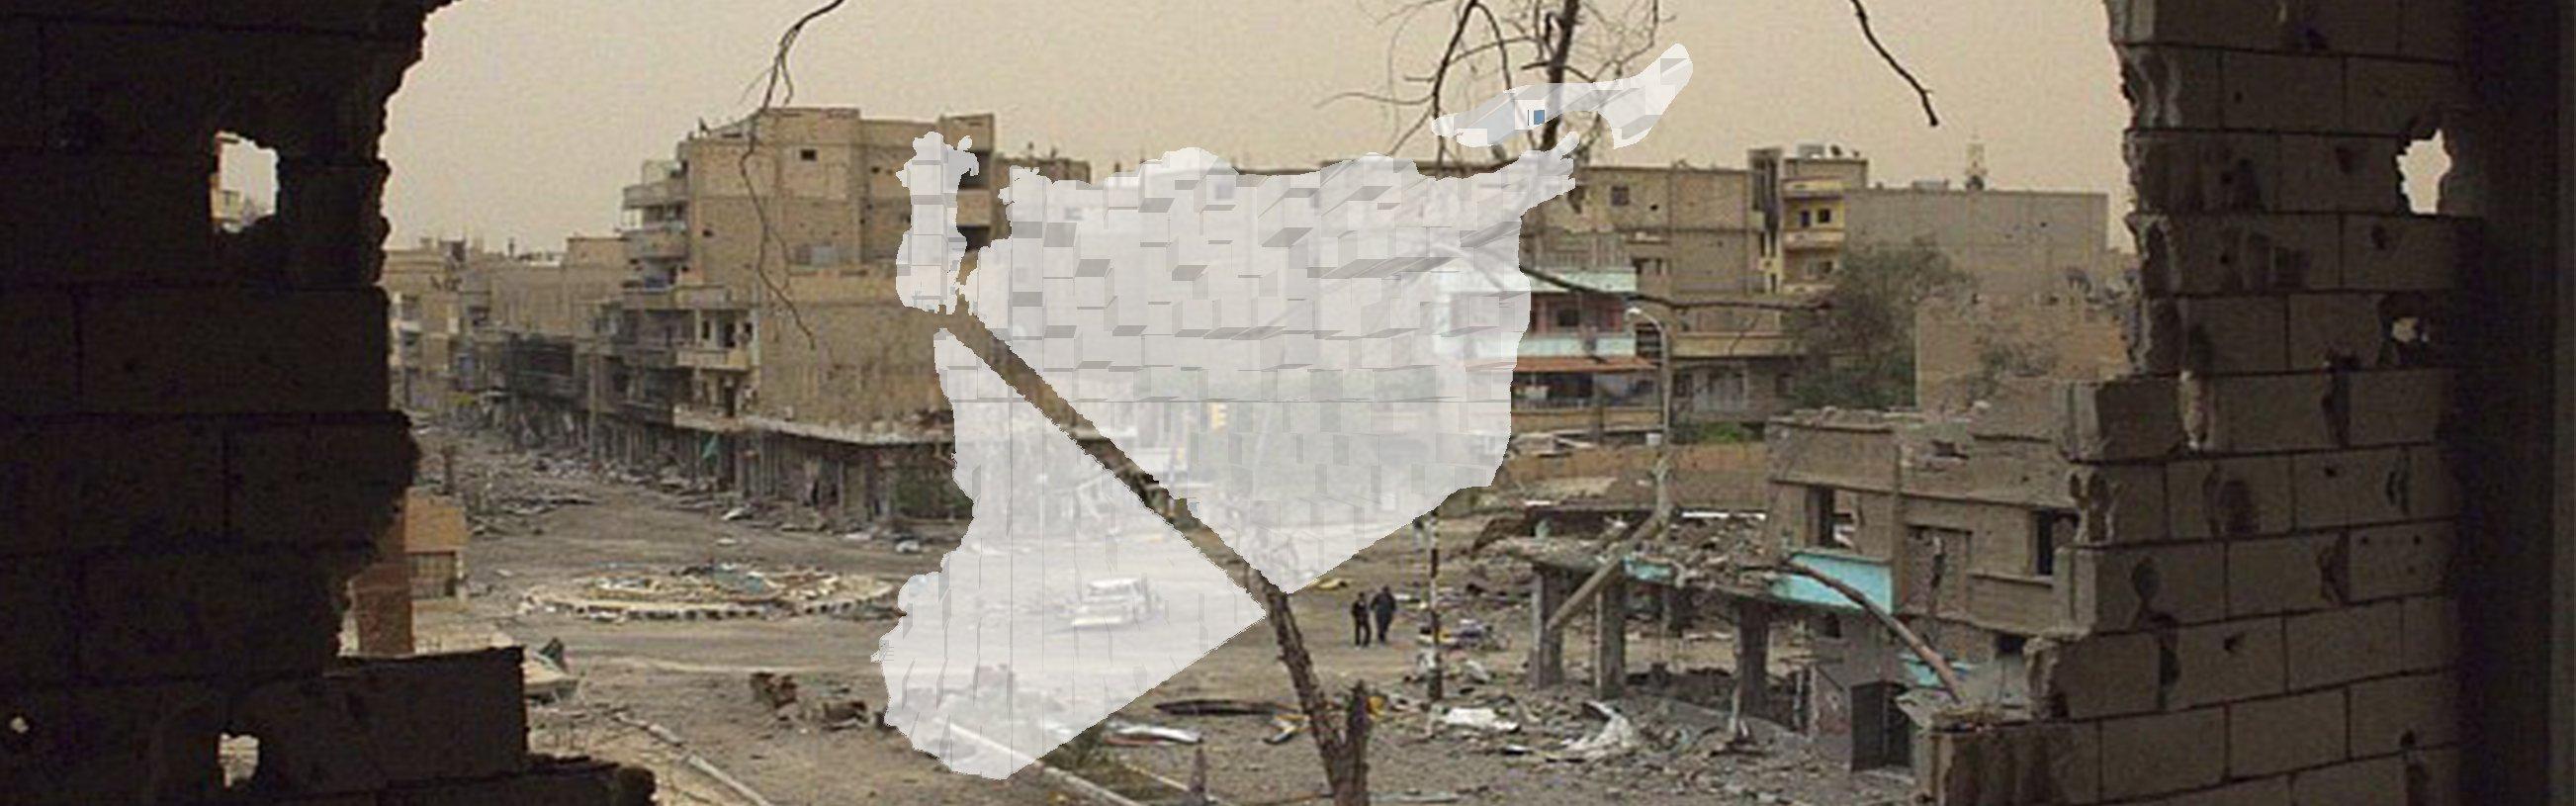 syis-map-majdy-white